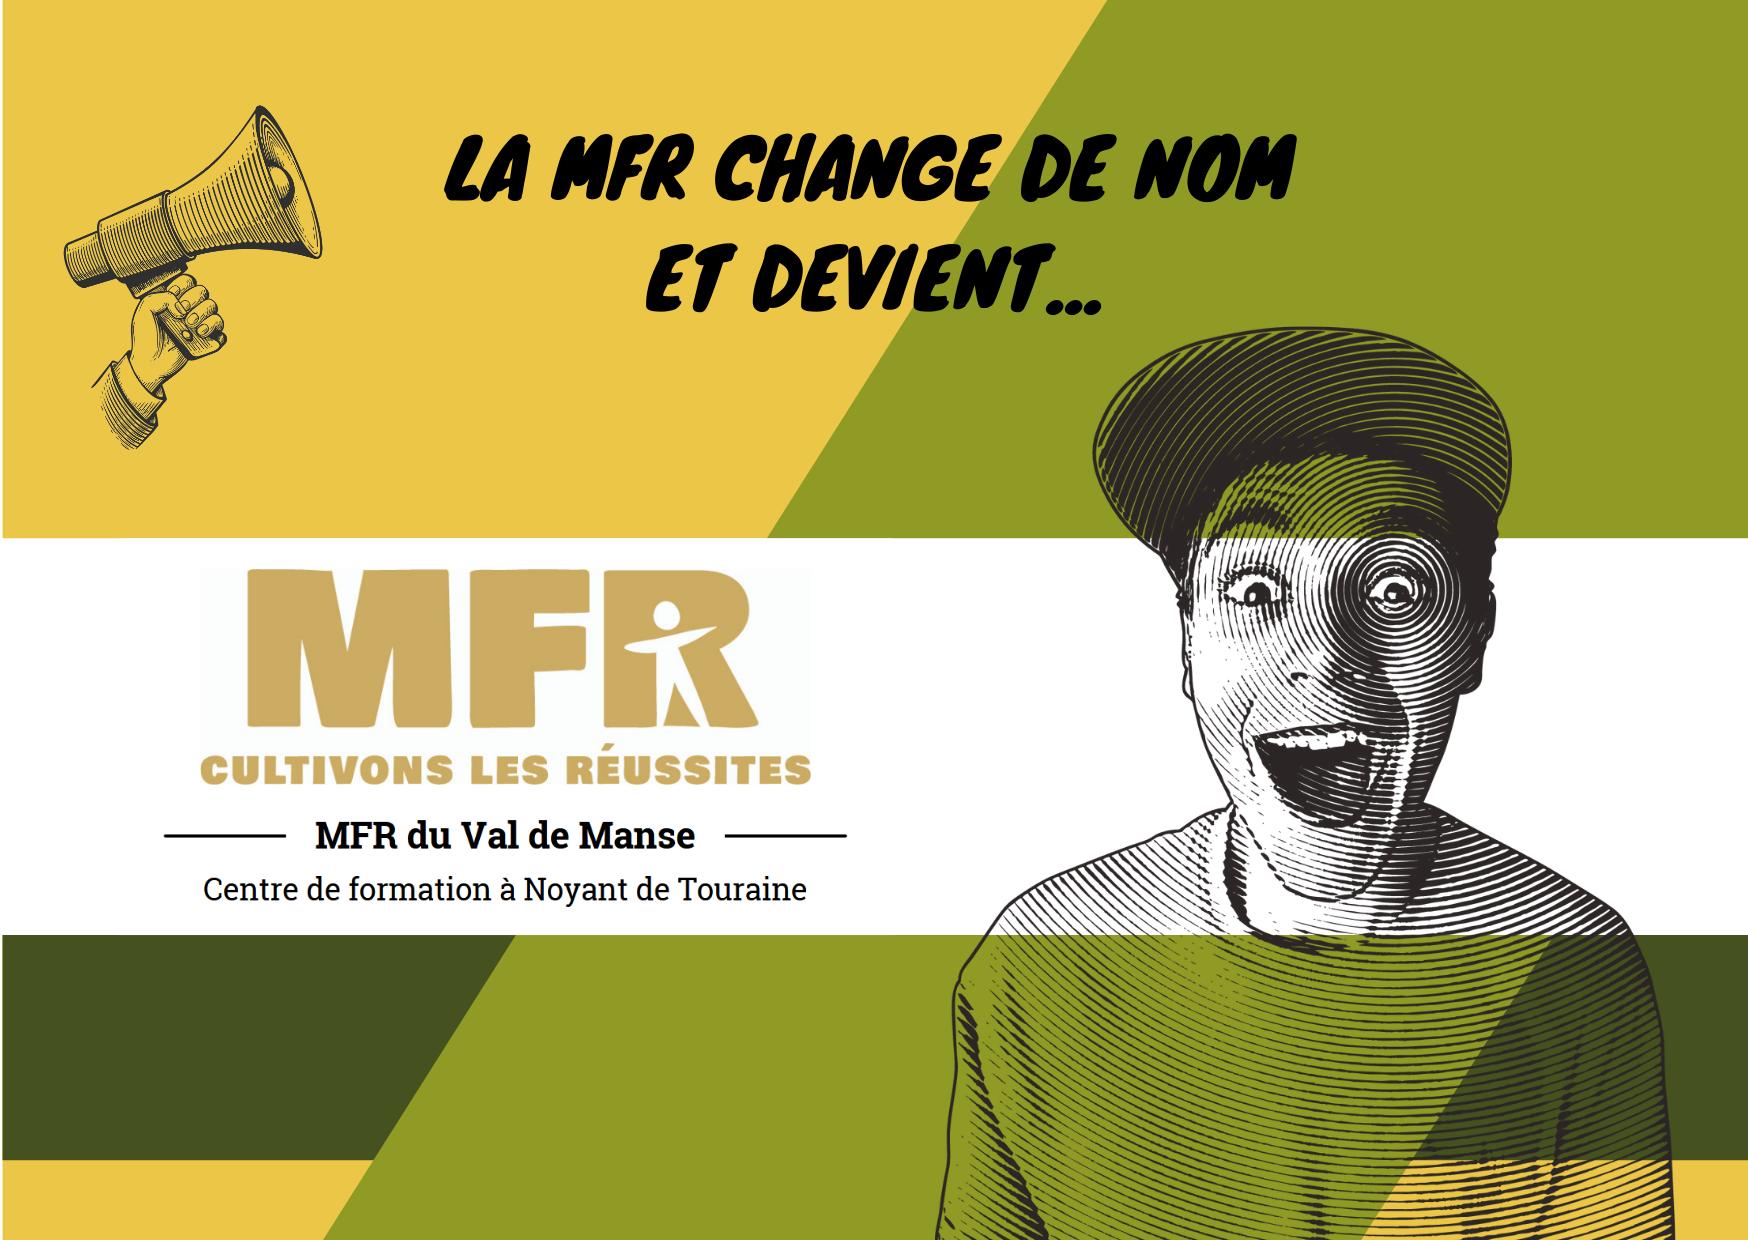 NOUVELLE IDENTITÉ _ MFR du Val de Manse